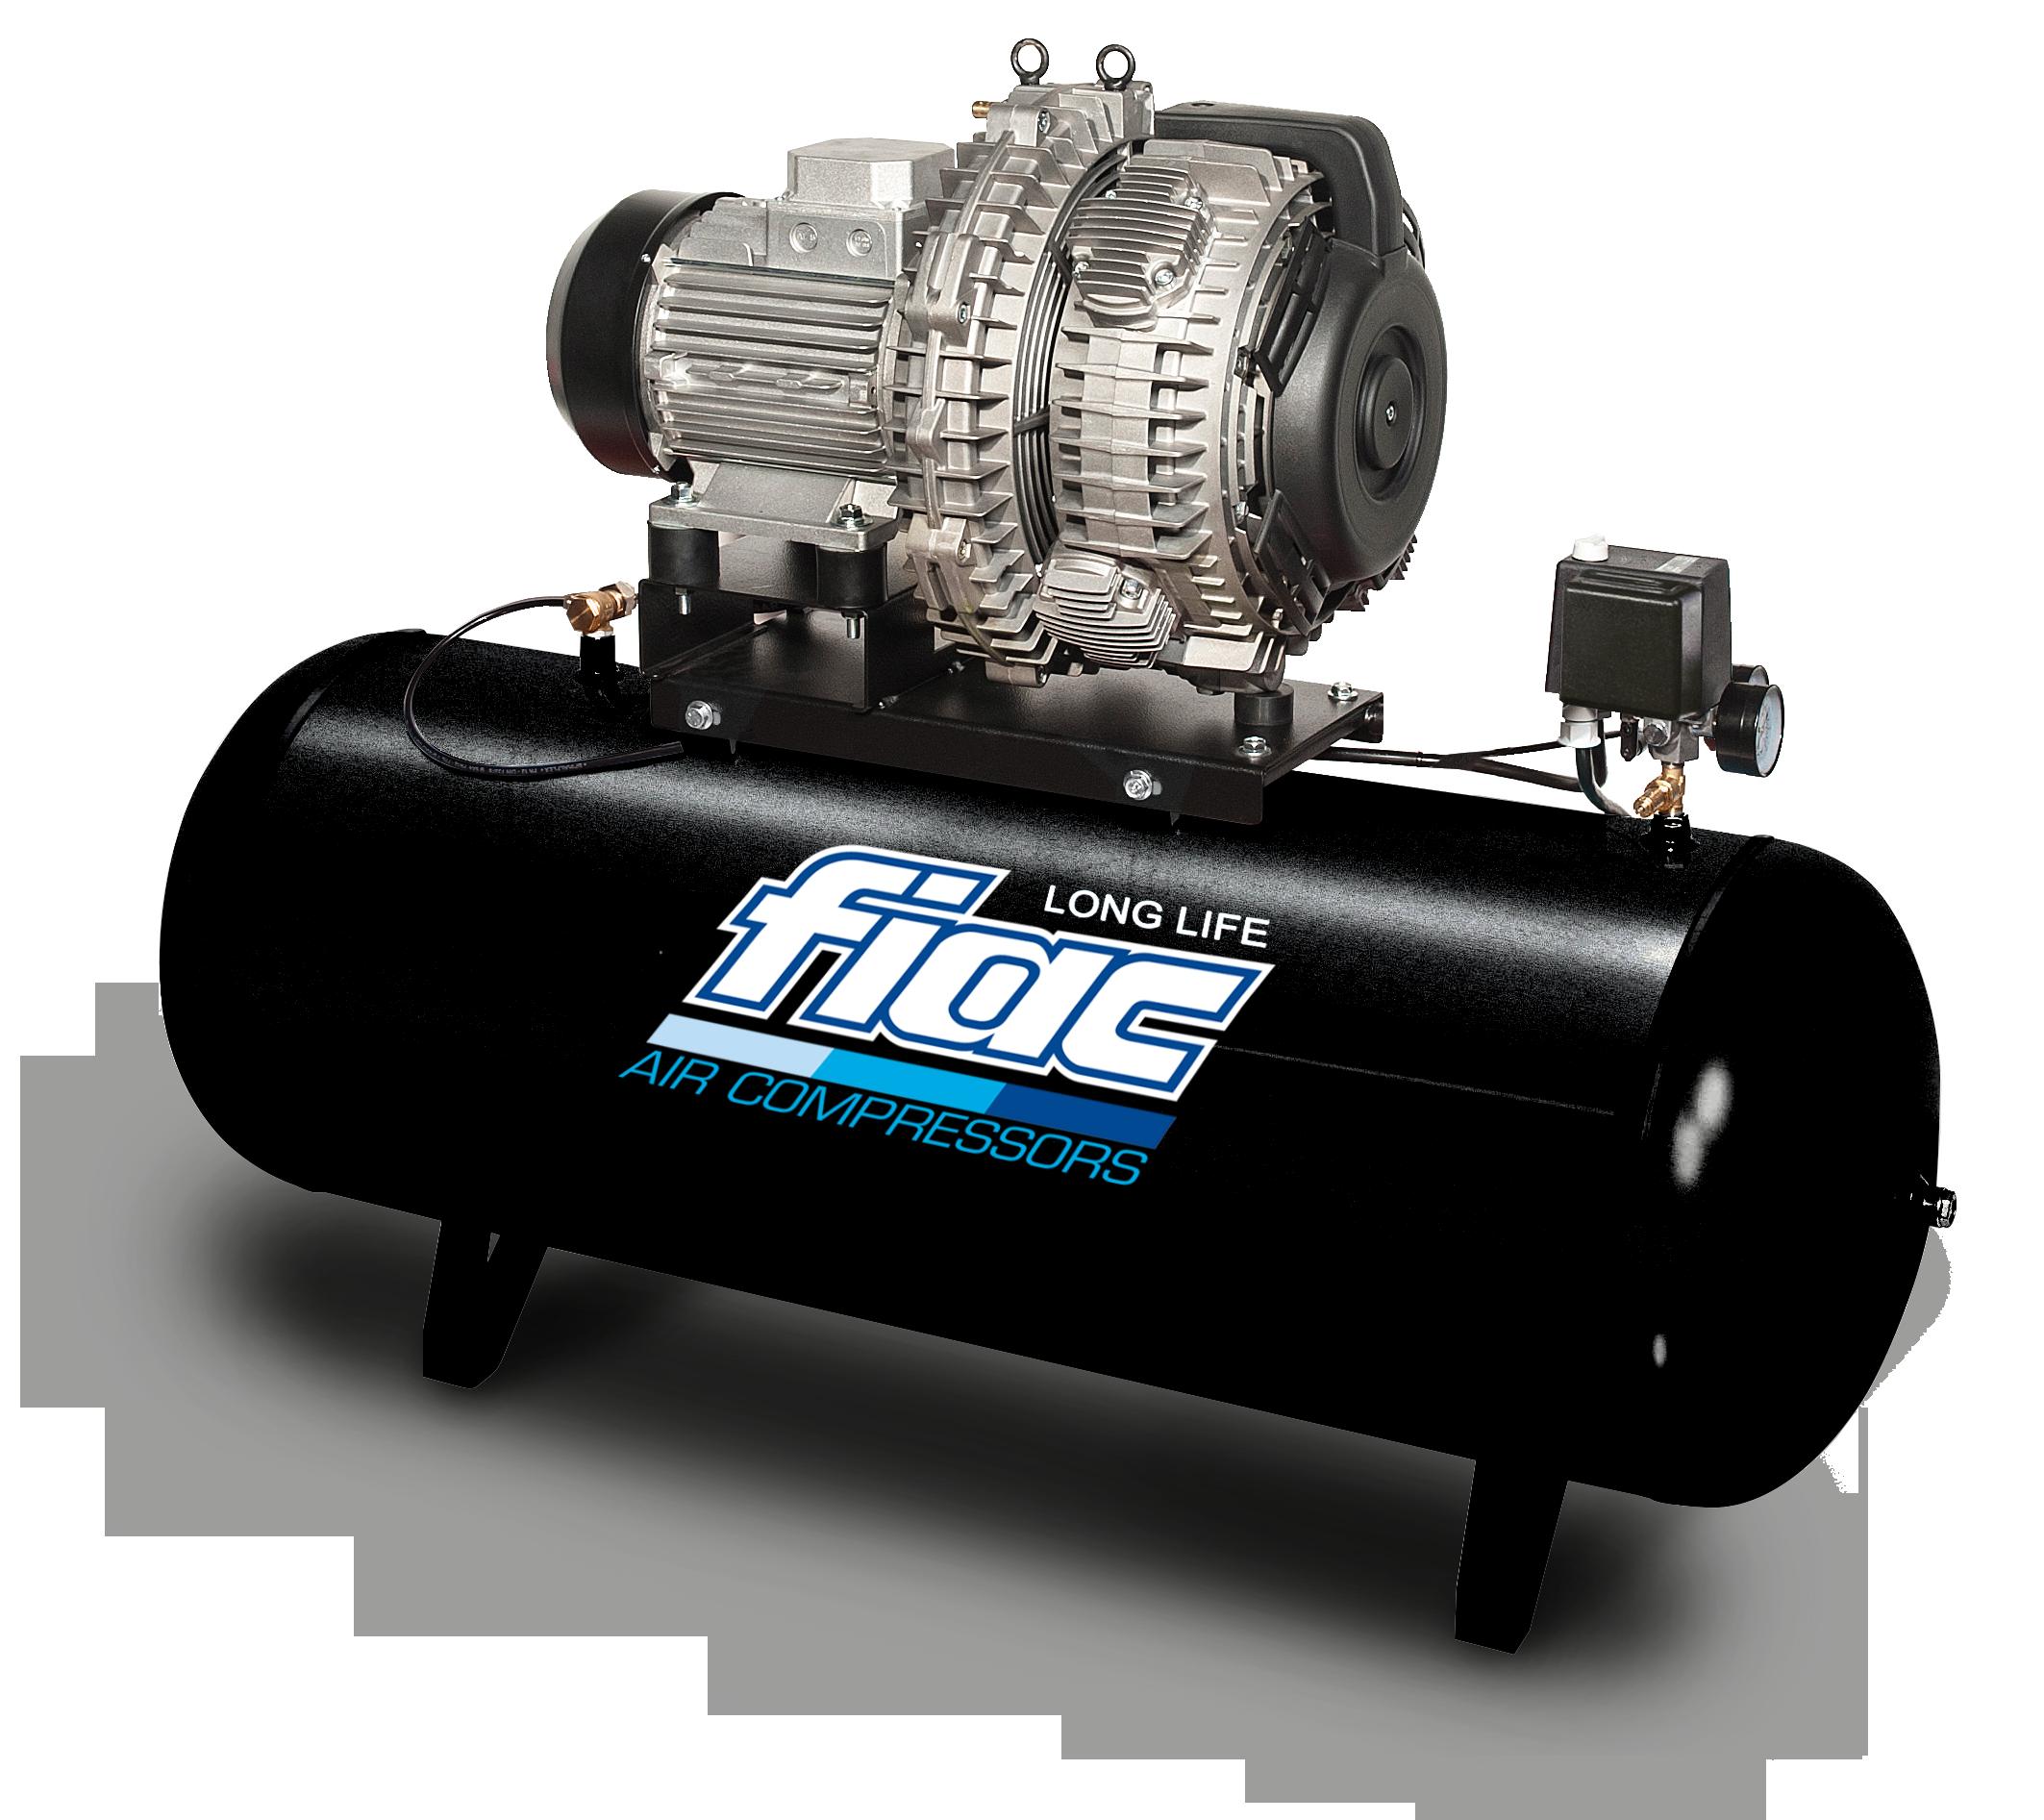 Bezolejové kompresory LONG LIFE jsou určeny pro dílenské provozy, kde je potřeba větší výkon při výr...